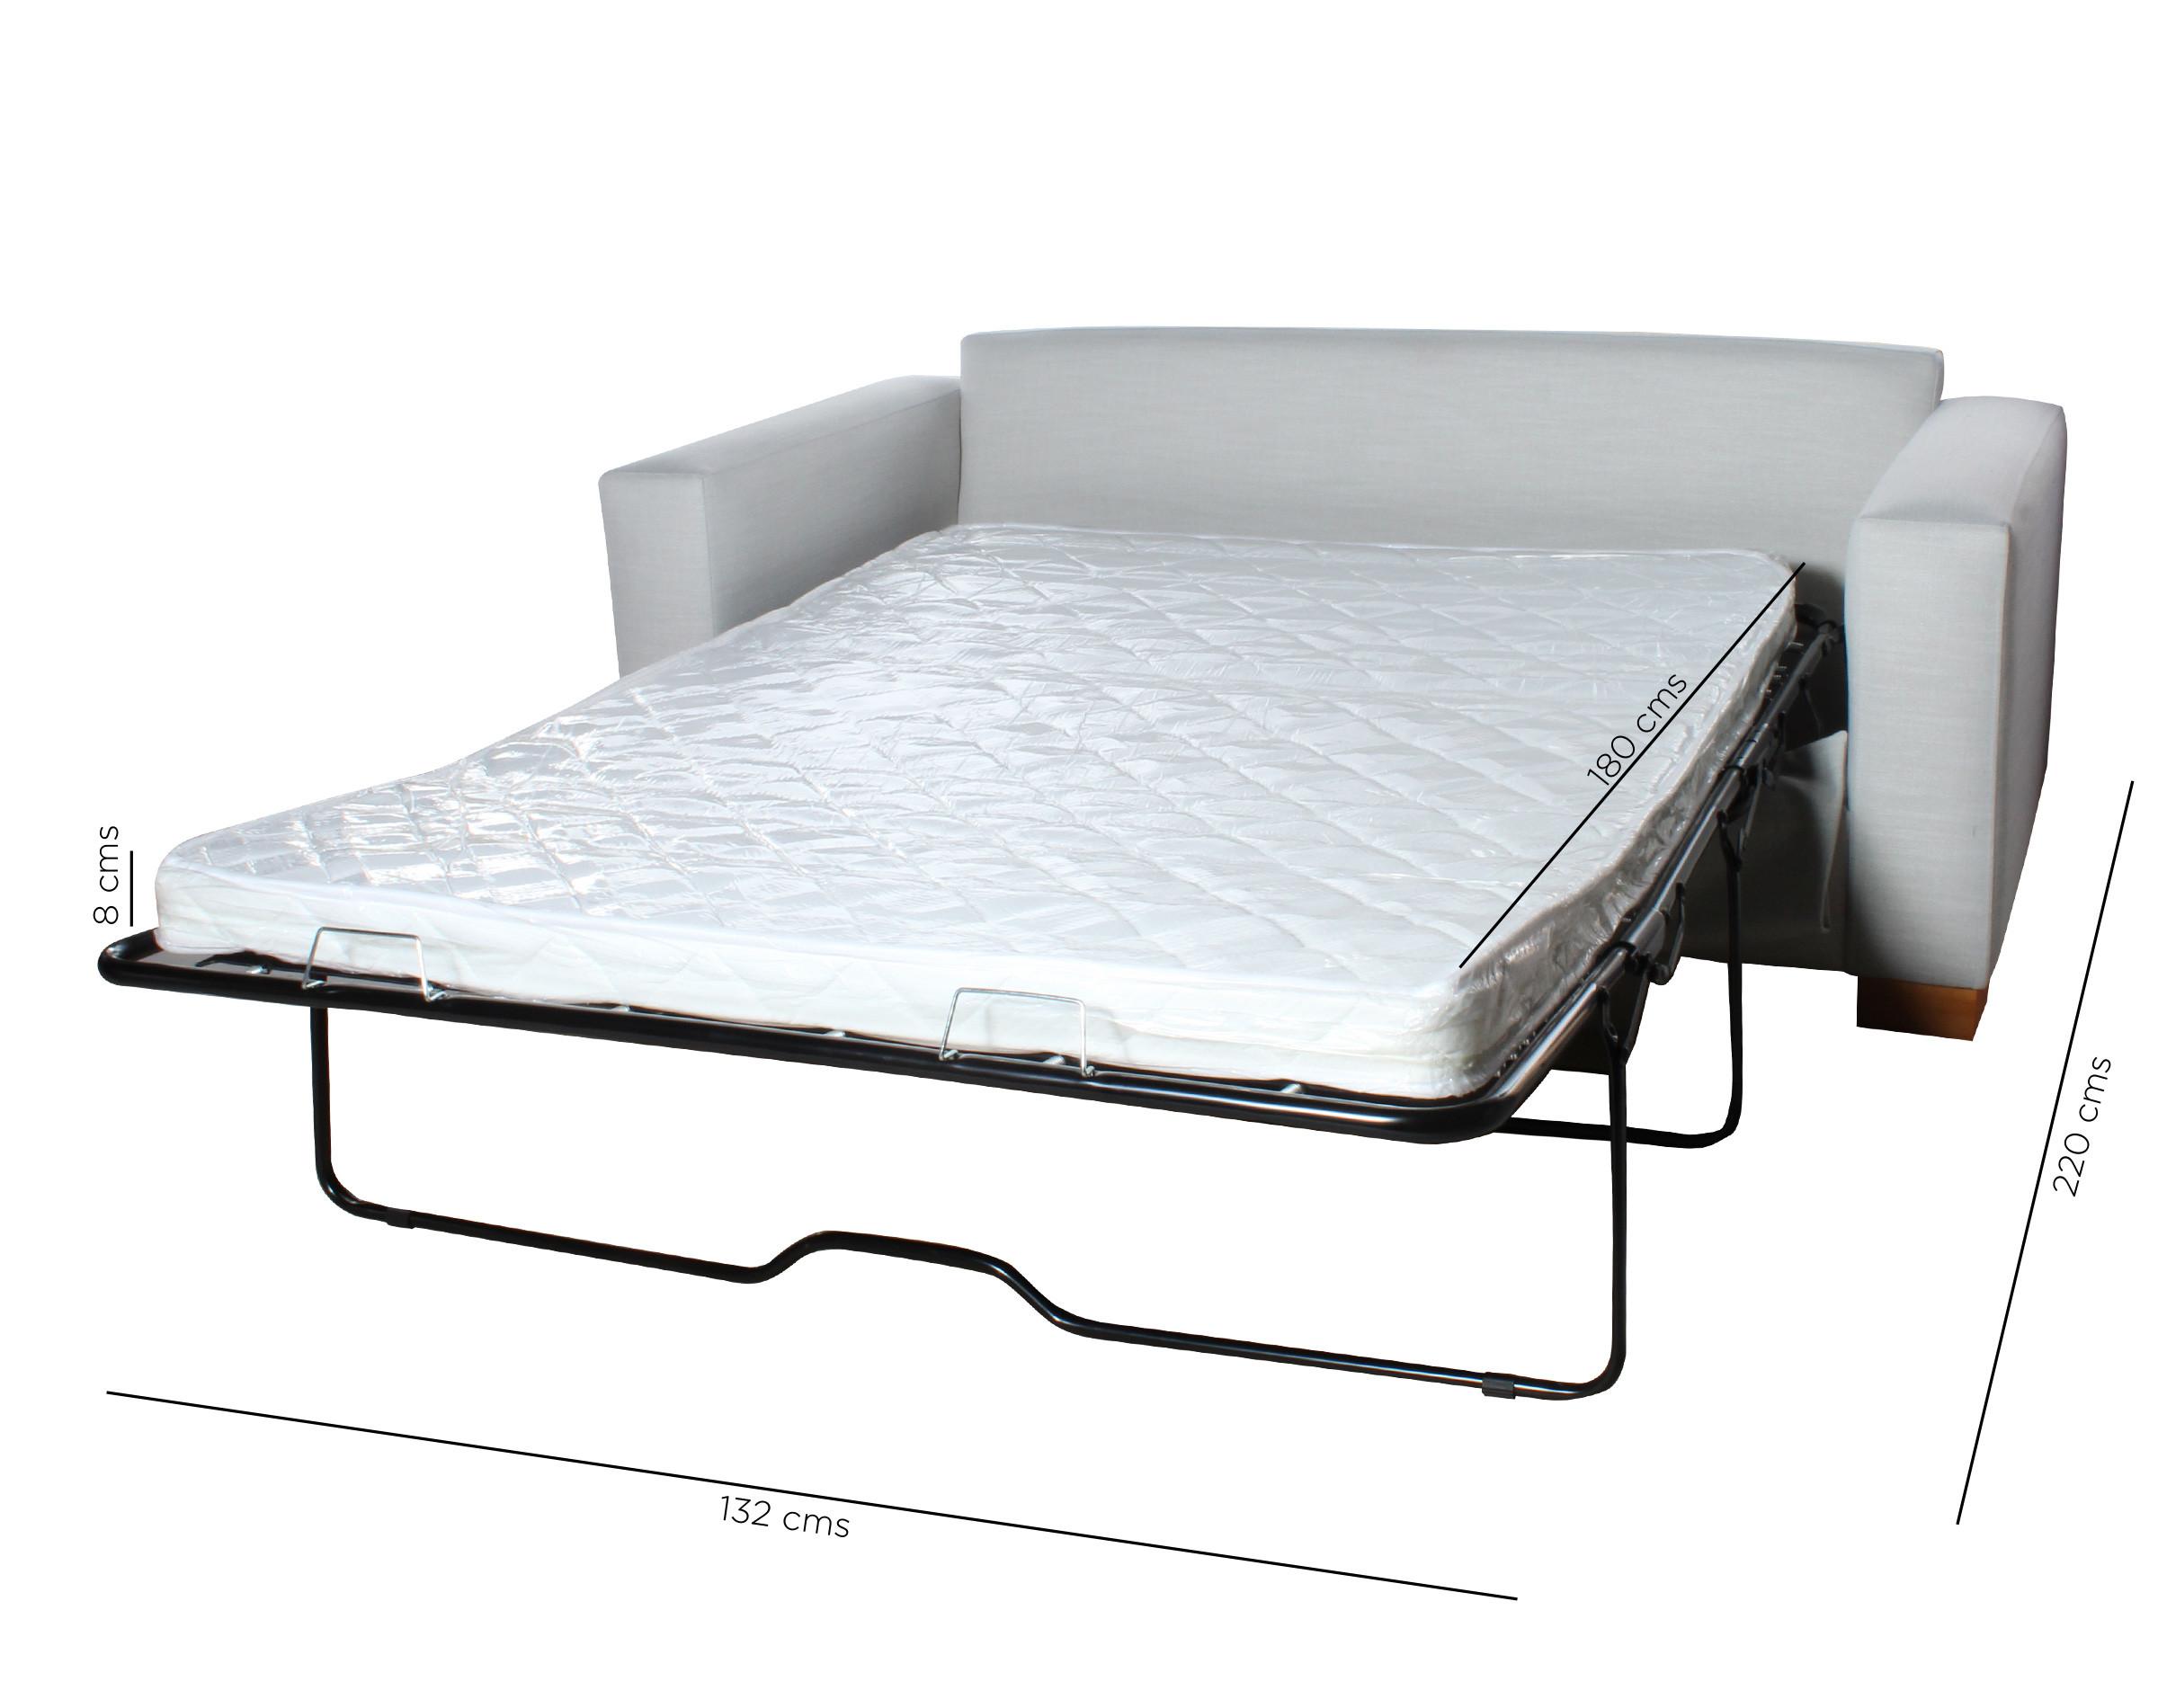 Sofa Cama Urban New York Crudo Mecanismo Medidas